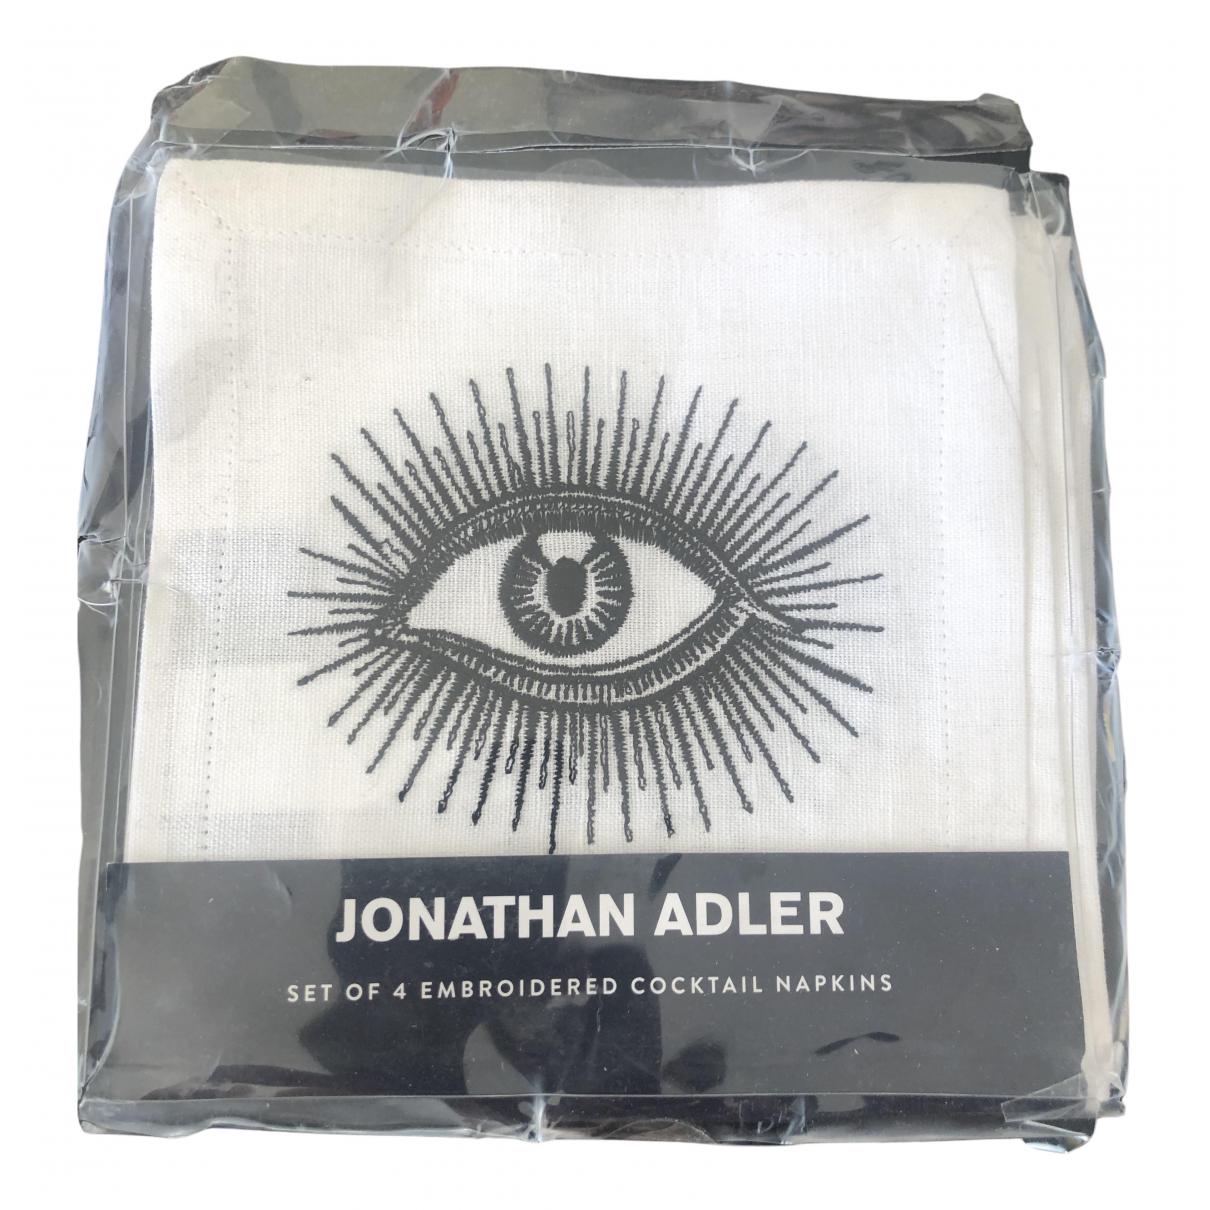 Jonathan Adler - Arts de la table   pour lifestyle en coton - ecru